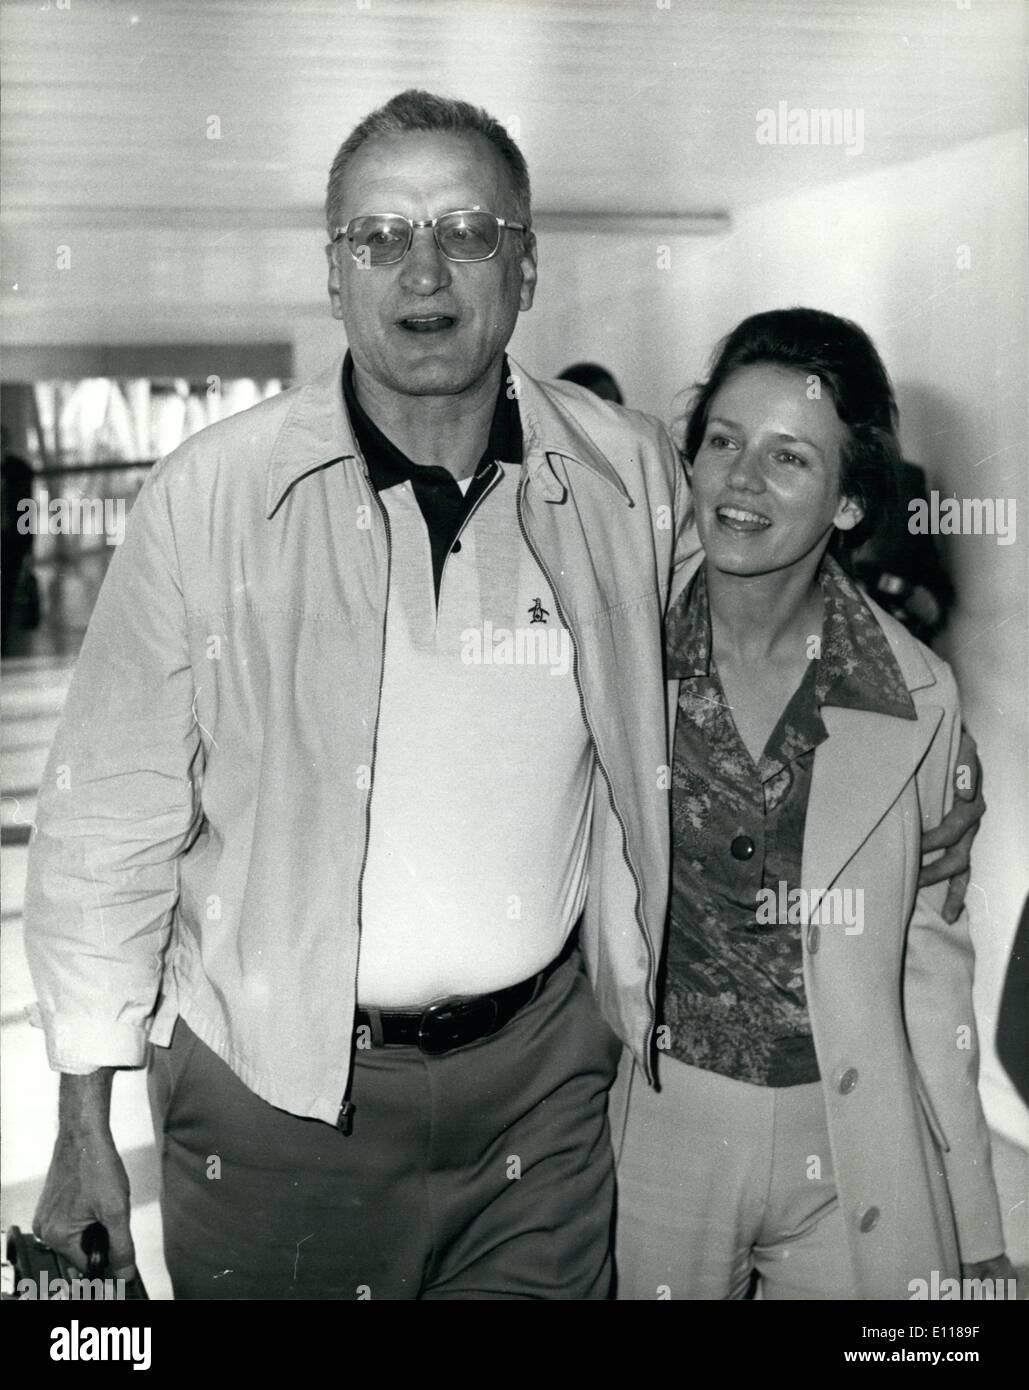 Avril 04, 1976 - La Belle et la Bête arrivent de Los Angeles: Hollywood star, George C. Scott et sa femme actrice, Trish Van Dervere ont volé dans l'aéroport de Heathrow, aujourd'hui à partir de Los Angeles et a révélé qu'ils sont d'étoiles ensemble dans un film d'être fabriqué en Angleterre, fondée sur l'ancien conte de fées. La belle et la Bête, légèrement modifiée afin qu'elle soit une histoire d'amour. M. Scott a dit: ''naturellement, je suis la bête et ma femme la Beauté''. Ils en sont à leur première visite à Londres pendant cinq ans. Photo montre George C. Scott et sa femme Trish à leur arrivée à l'aéroport d'Heathrow d'aujourd'hui. Photo Stock